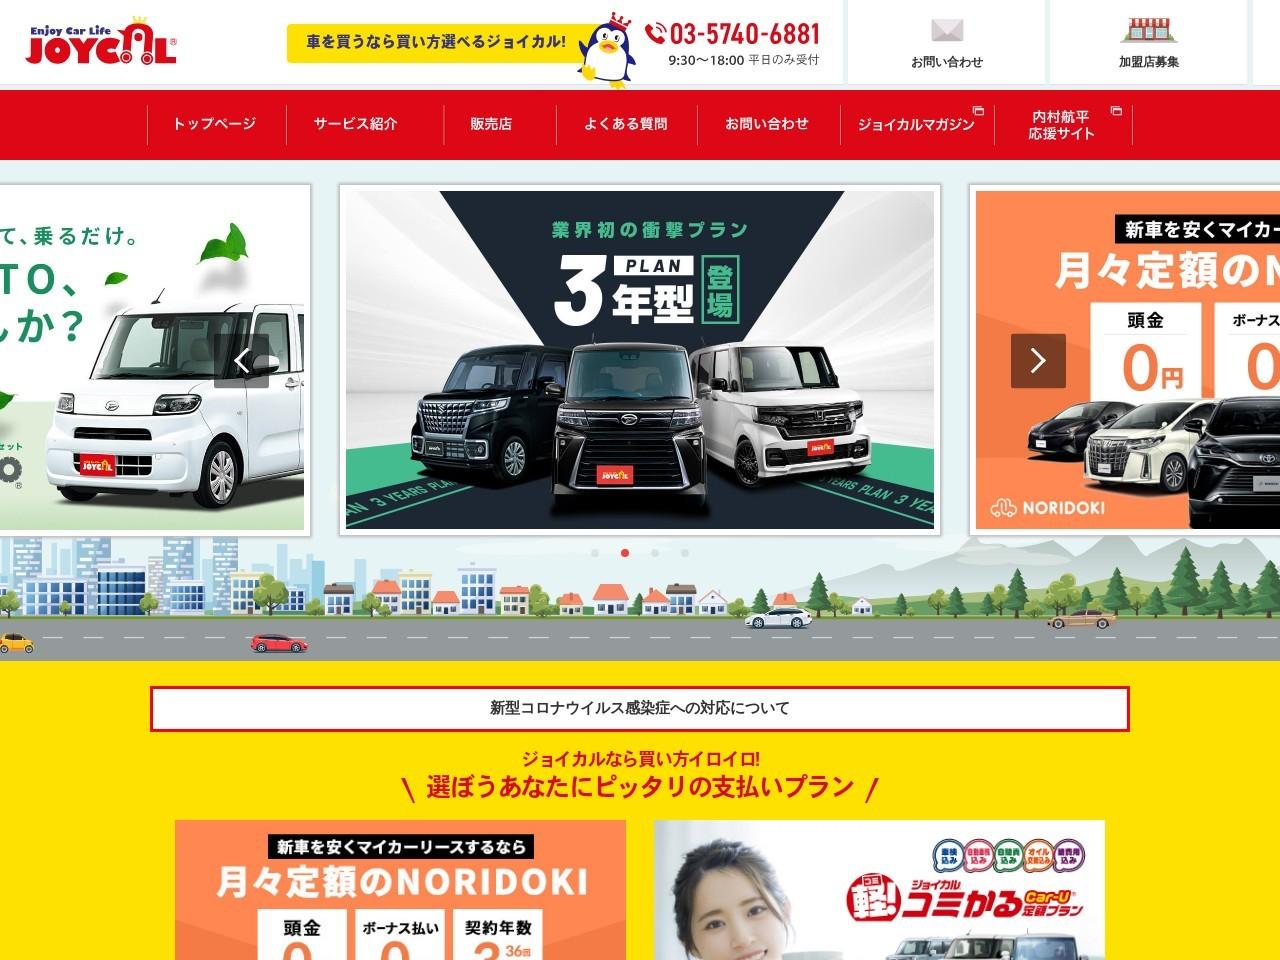 ジョイカル高松四国1号店